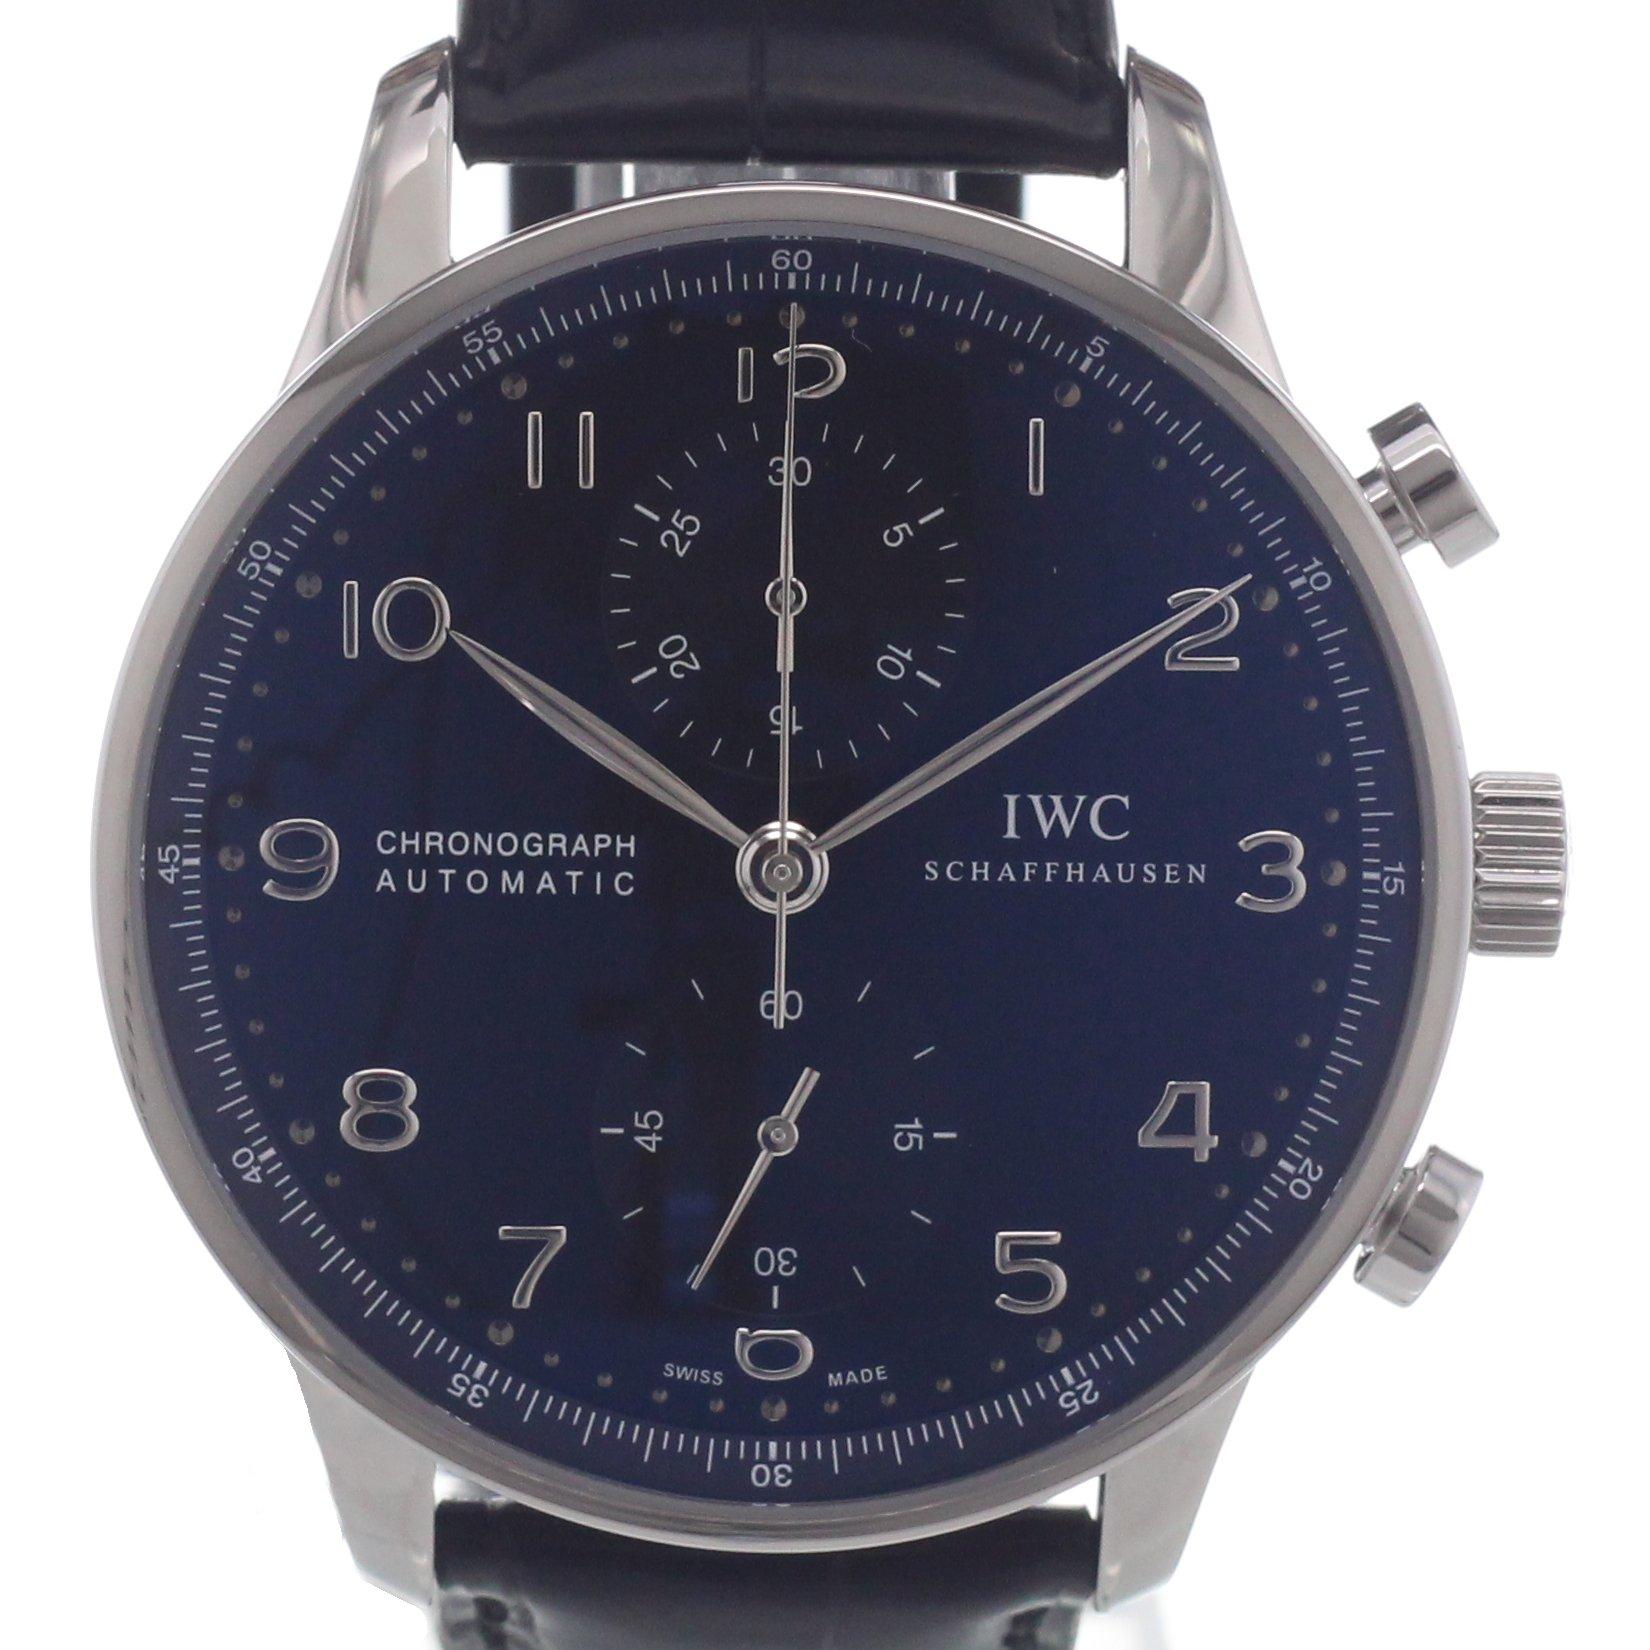 IWC Uhren kaufen: Preise und Modelle | CHRONEXT